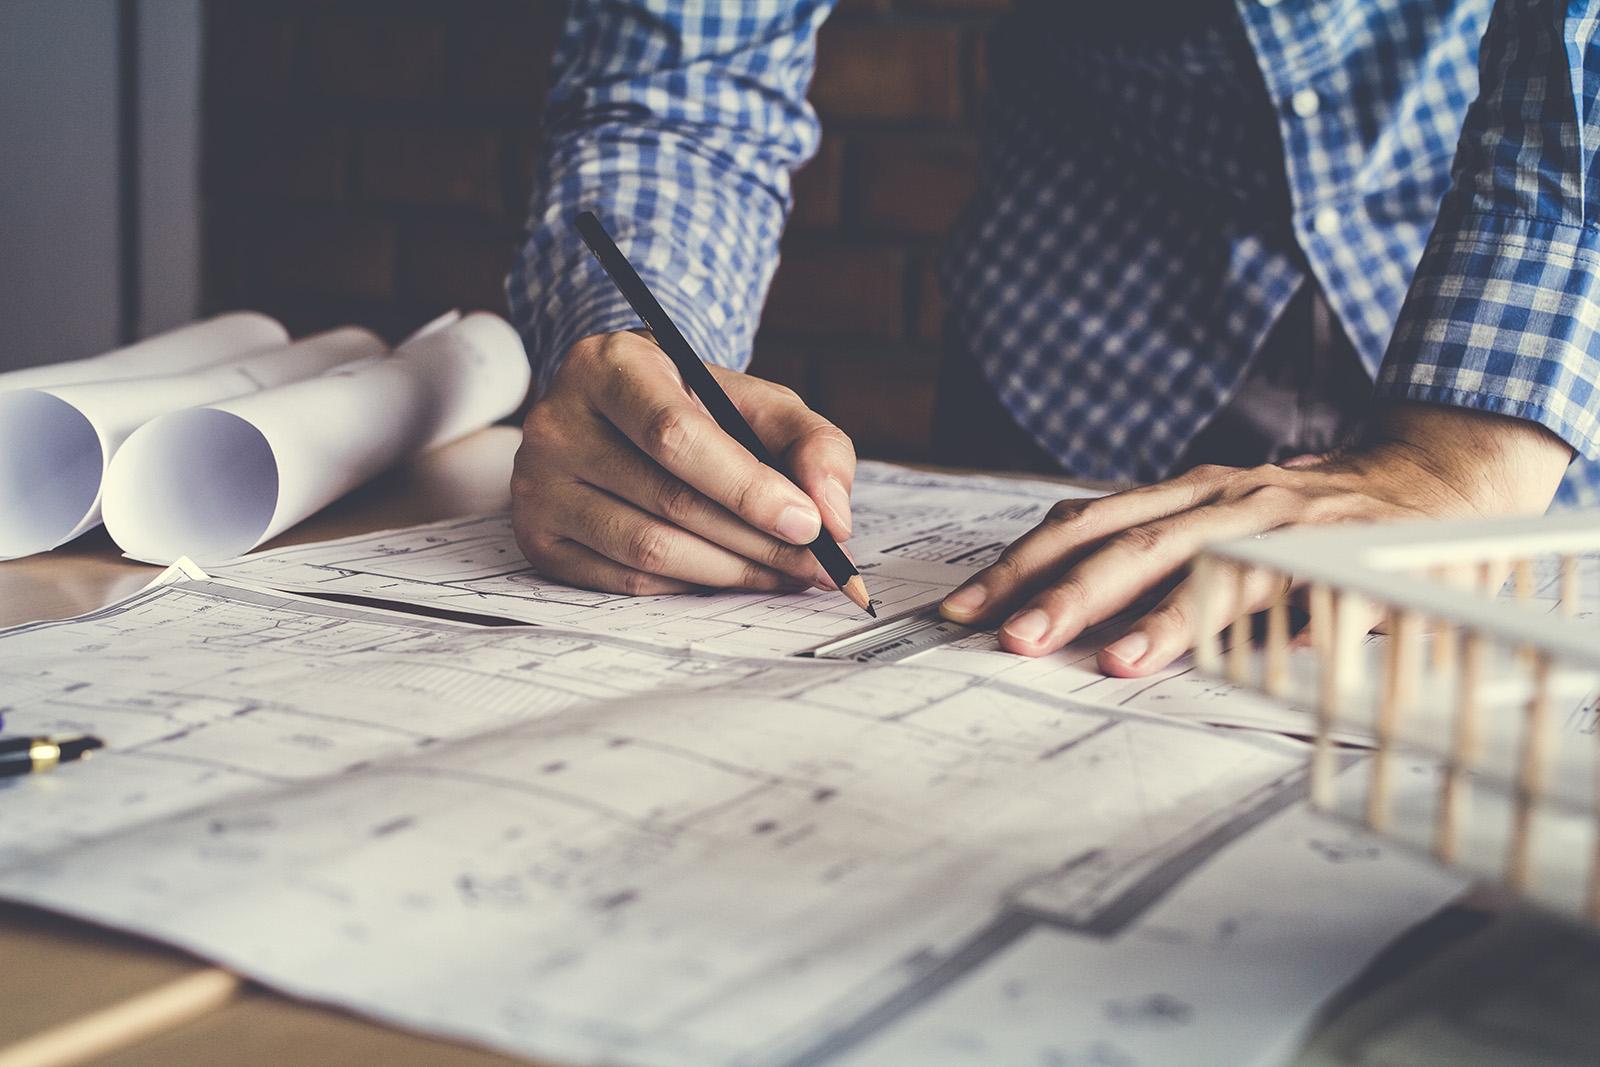 studente-architetto-disegna